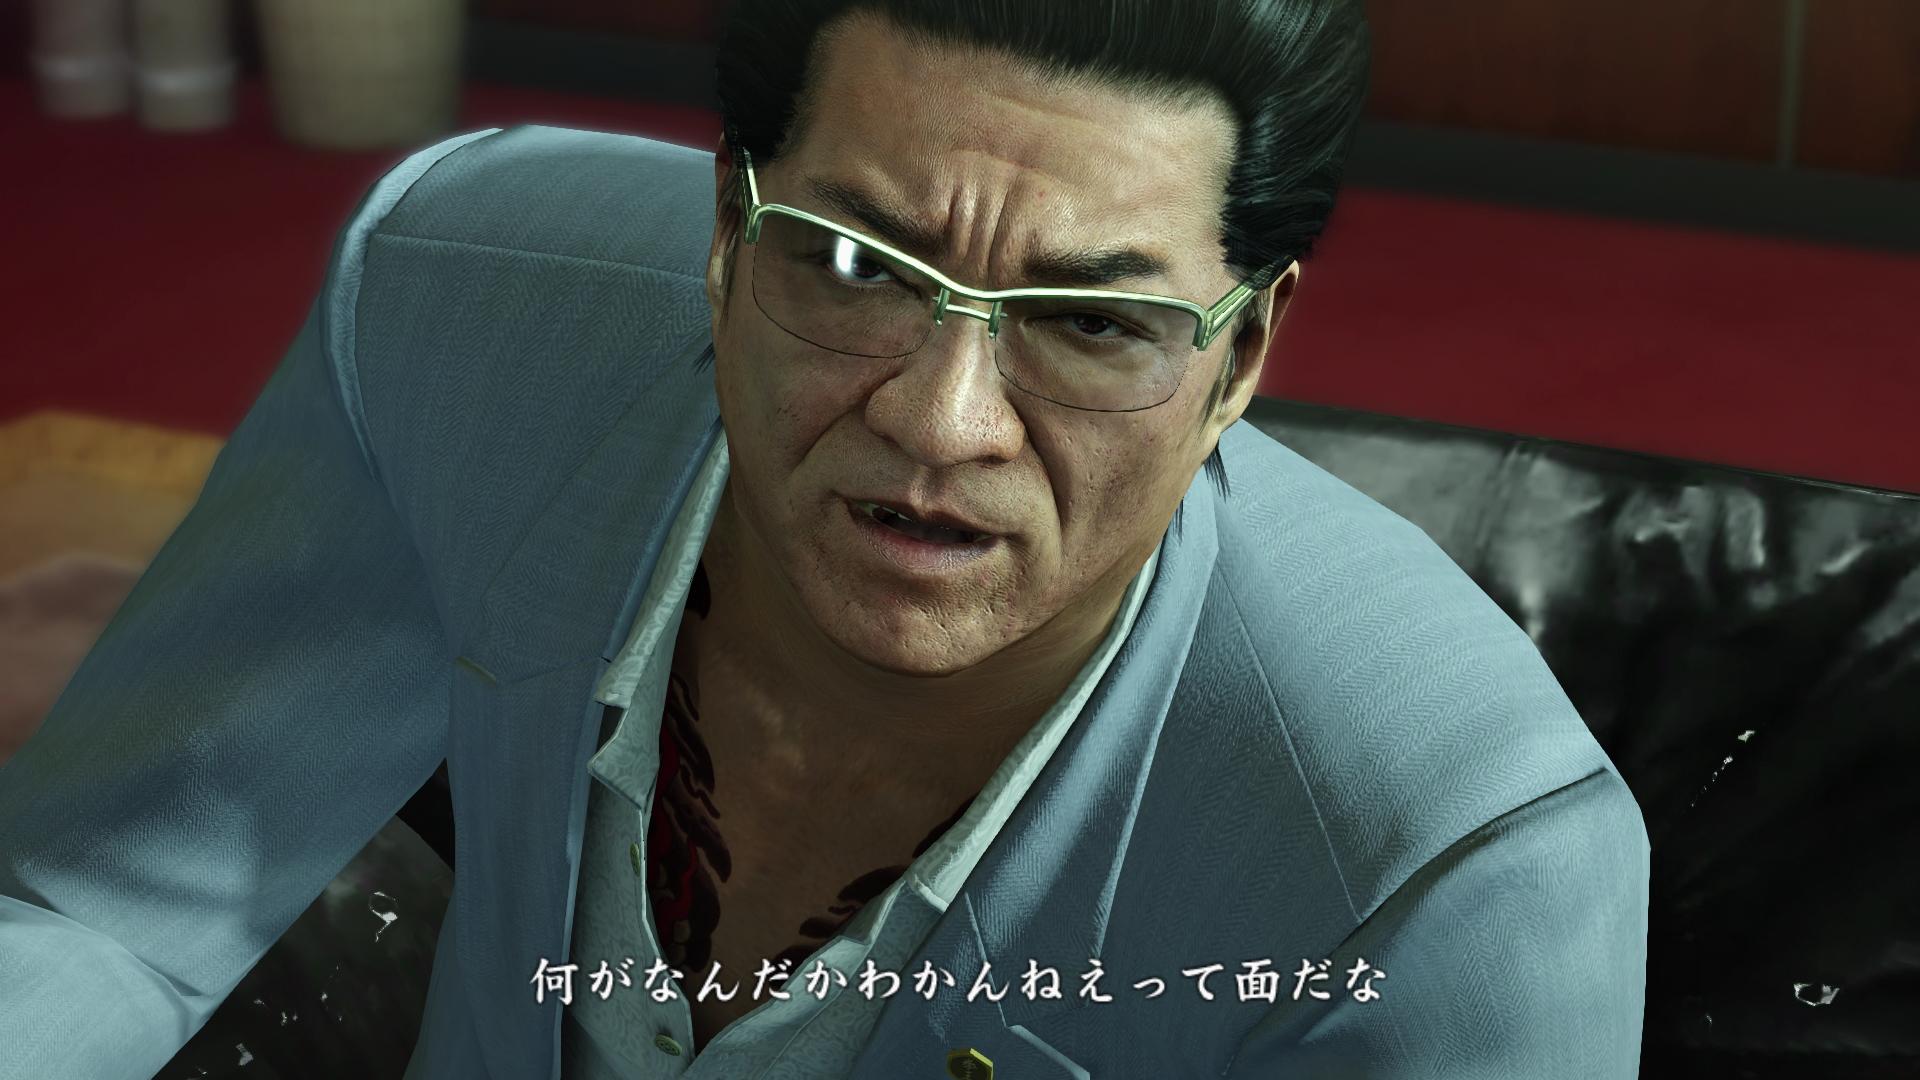 【速報】PS4 龍が如くのヤクザ 完全に実写になる